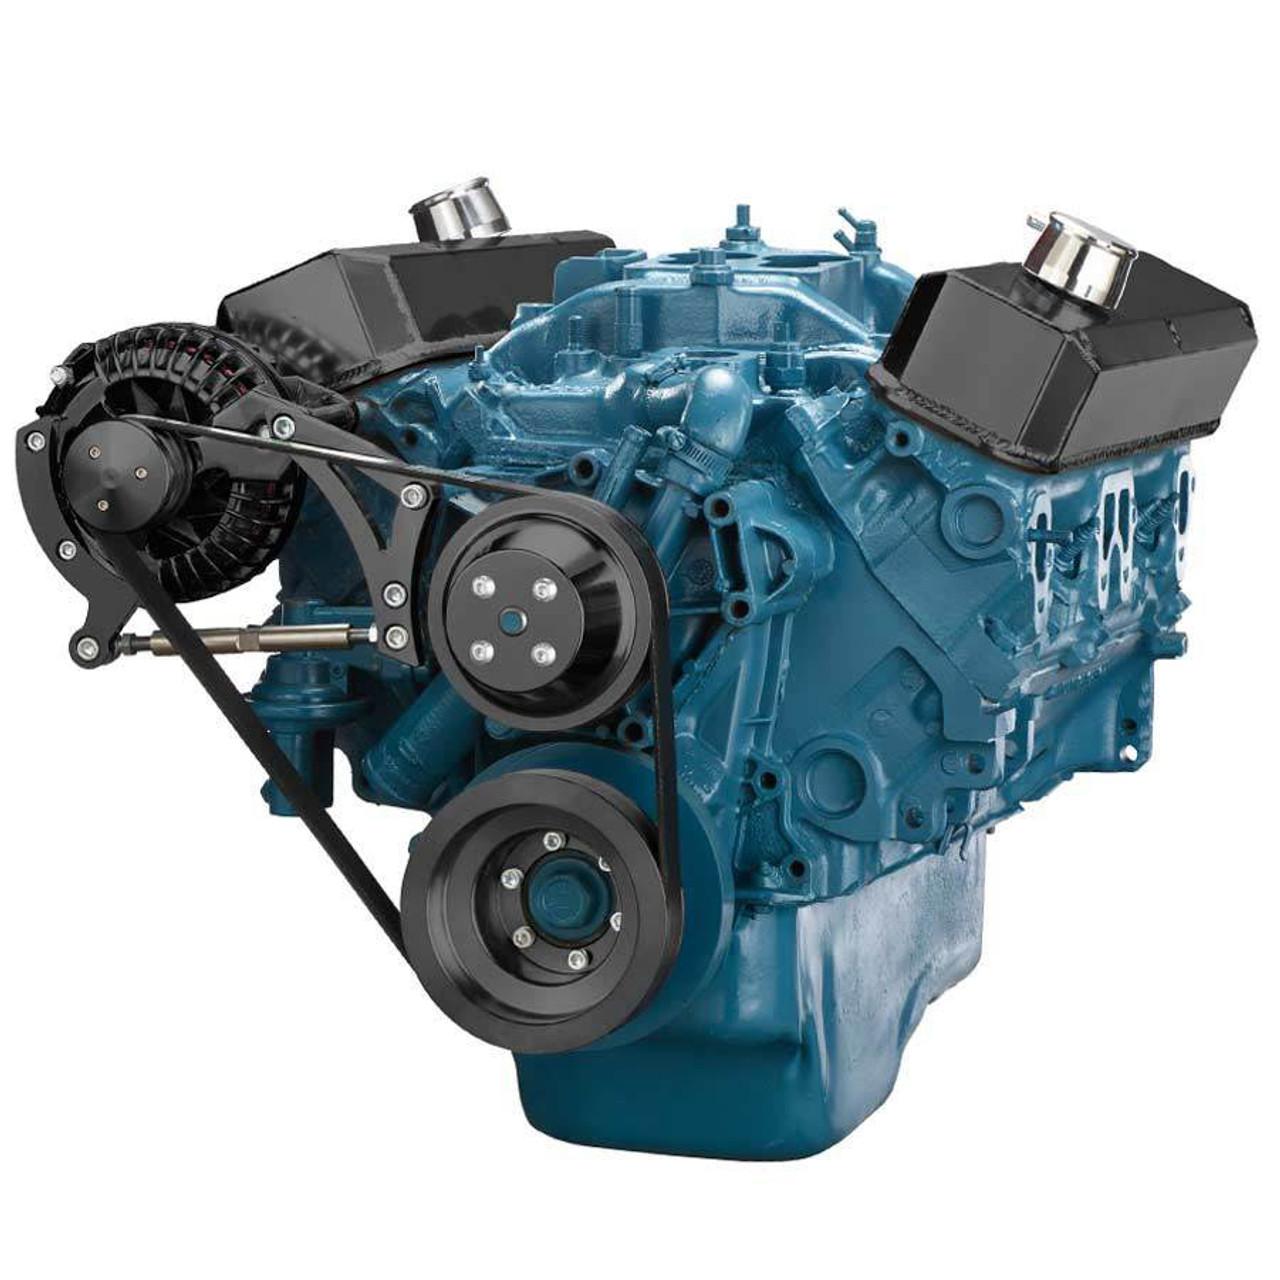 Chrysler Small Block Serpentine Kit for Alternator Only (318, 340 & 360)